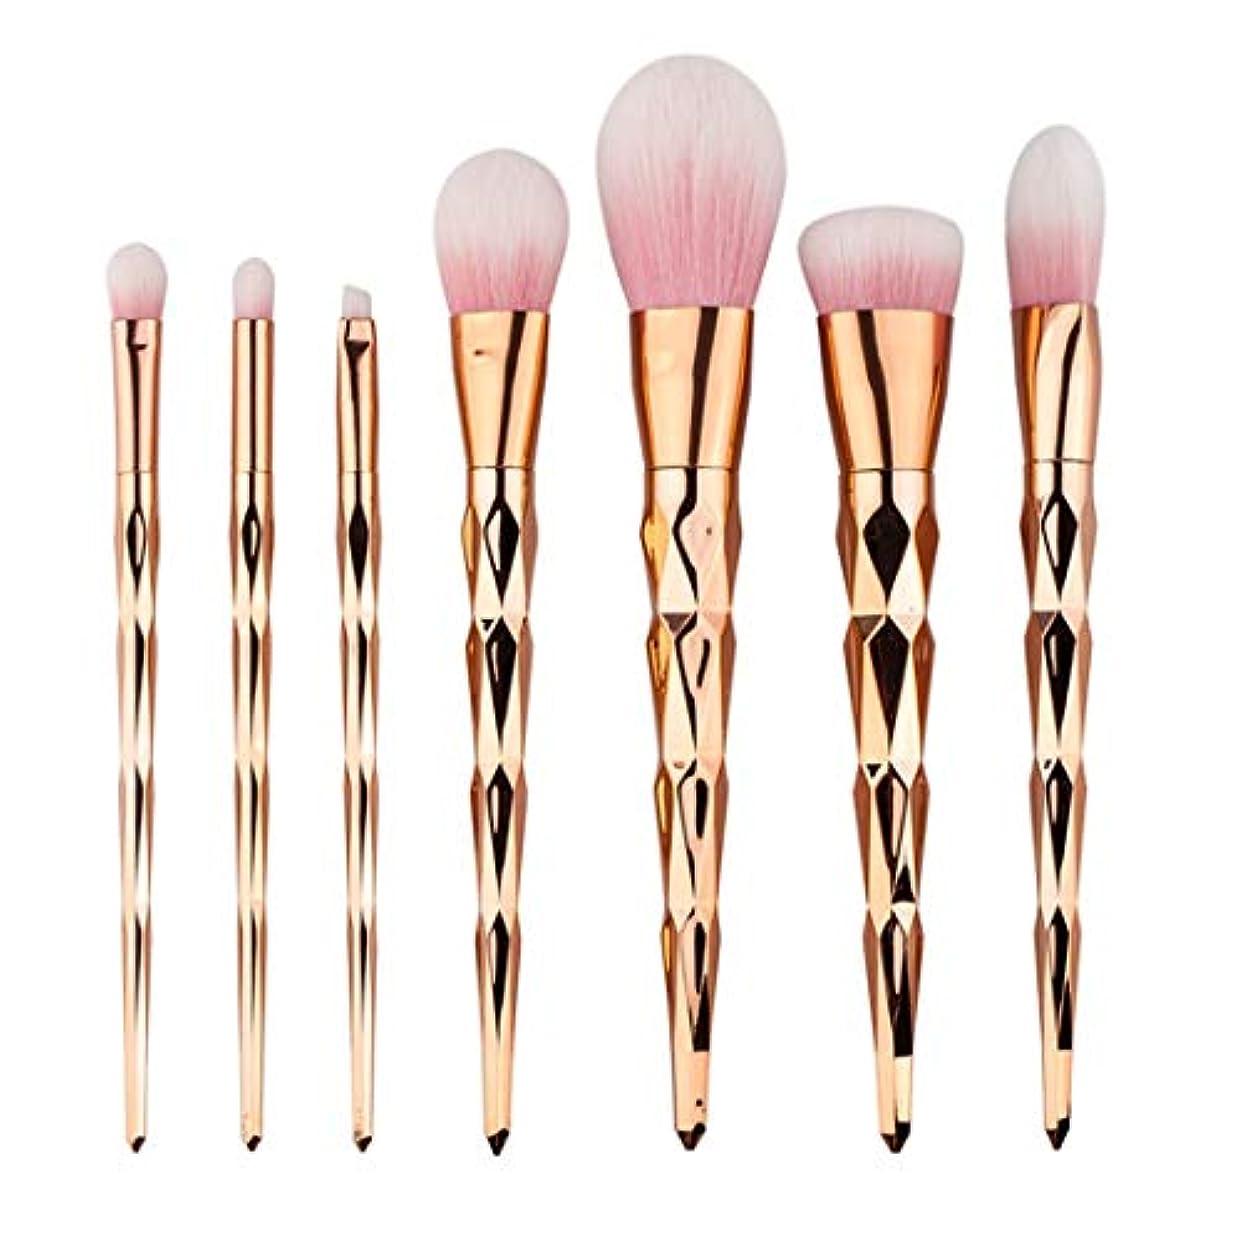 側面積最近Makeup brushes 7ピースダイヤモンド化粧ブラシセットレインボーハンドルファンデーションパウダー赤面アイシャドウリップブラシフェイス美容メイクアップツールキット - ゴールド suits (Color : Gold)